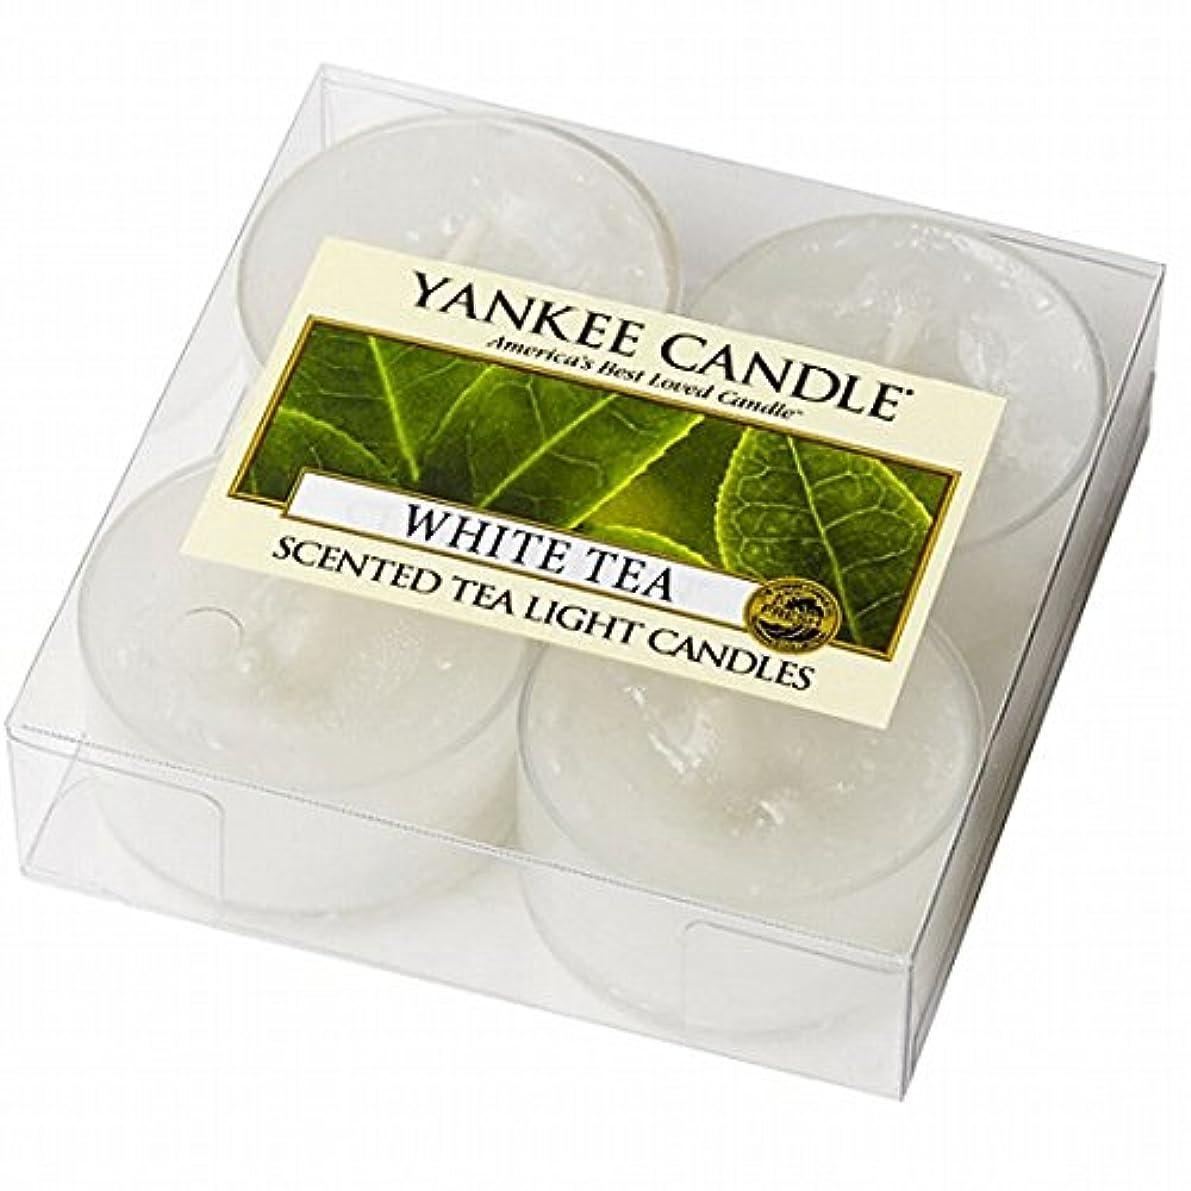 初心者悪用禁止するYANKEE CANDLE(ヤンキーキャンドル) YANKEE CANDLE クリアカップティーライト4個入り 「ホワイトティー」(K00205277)